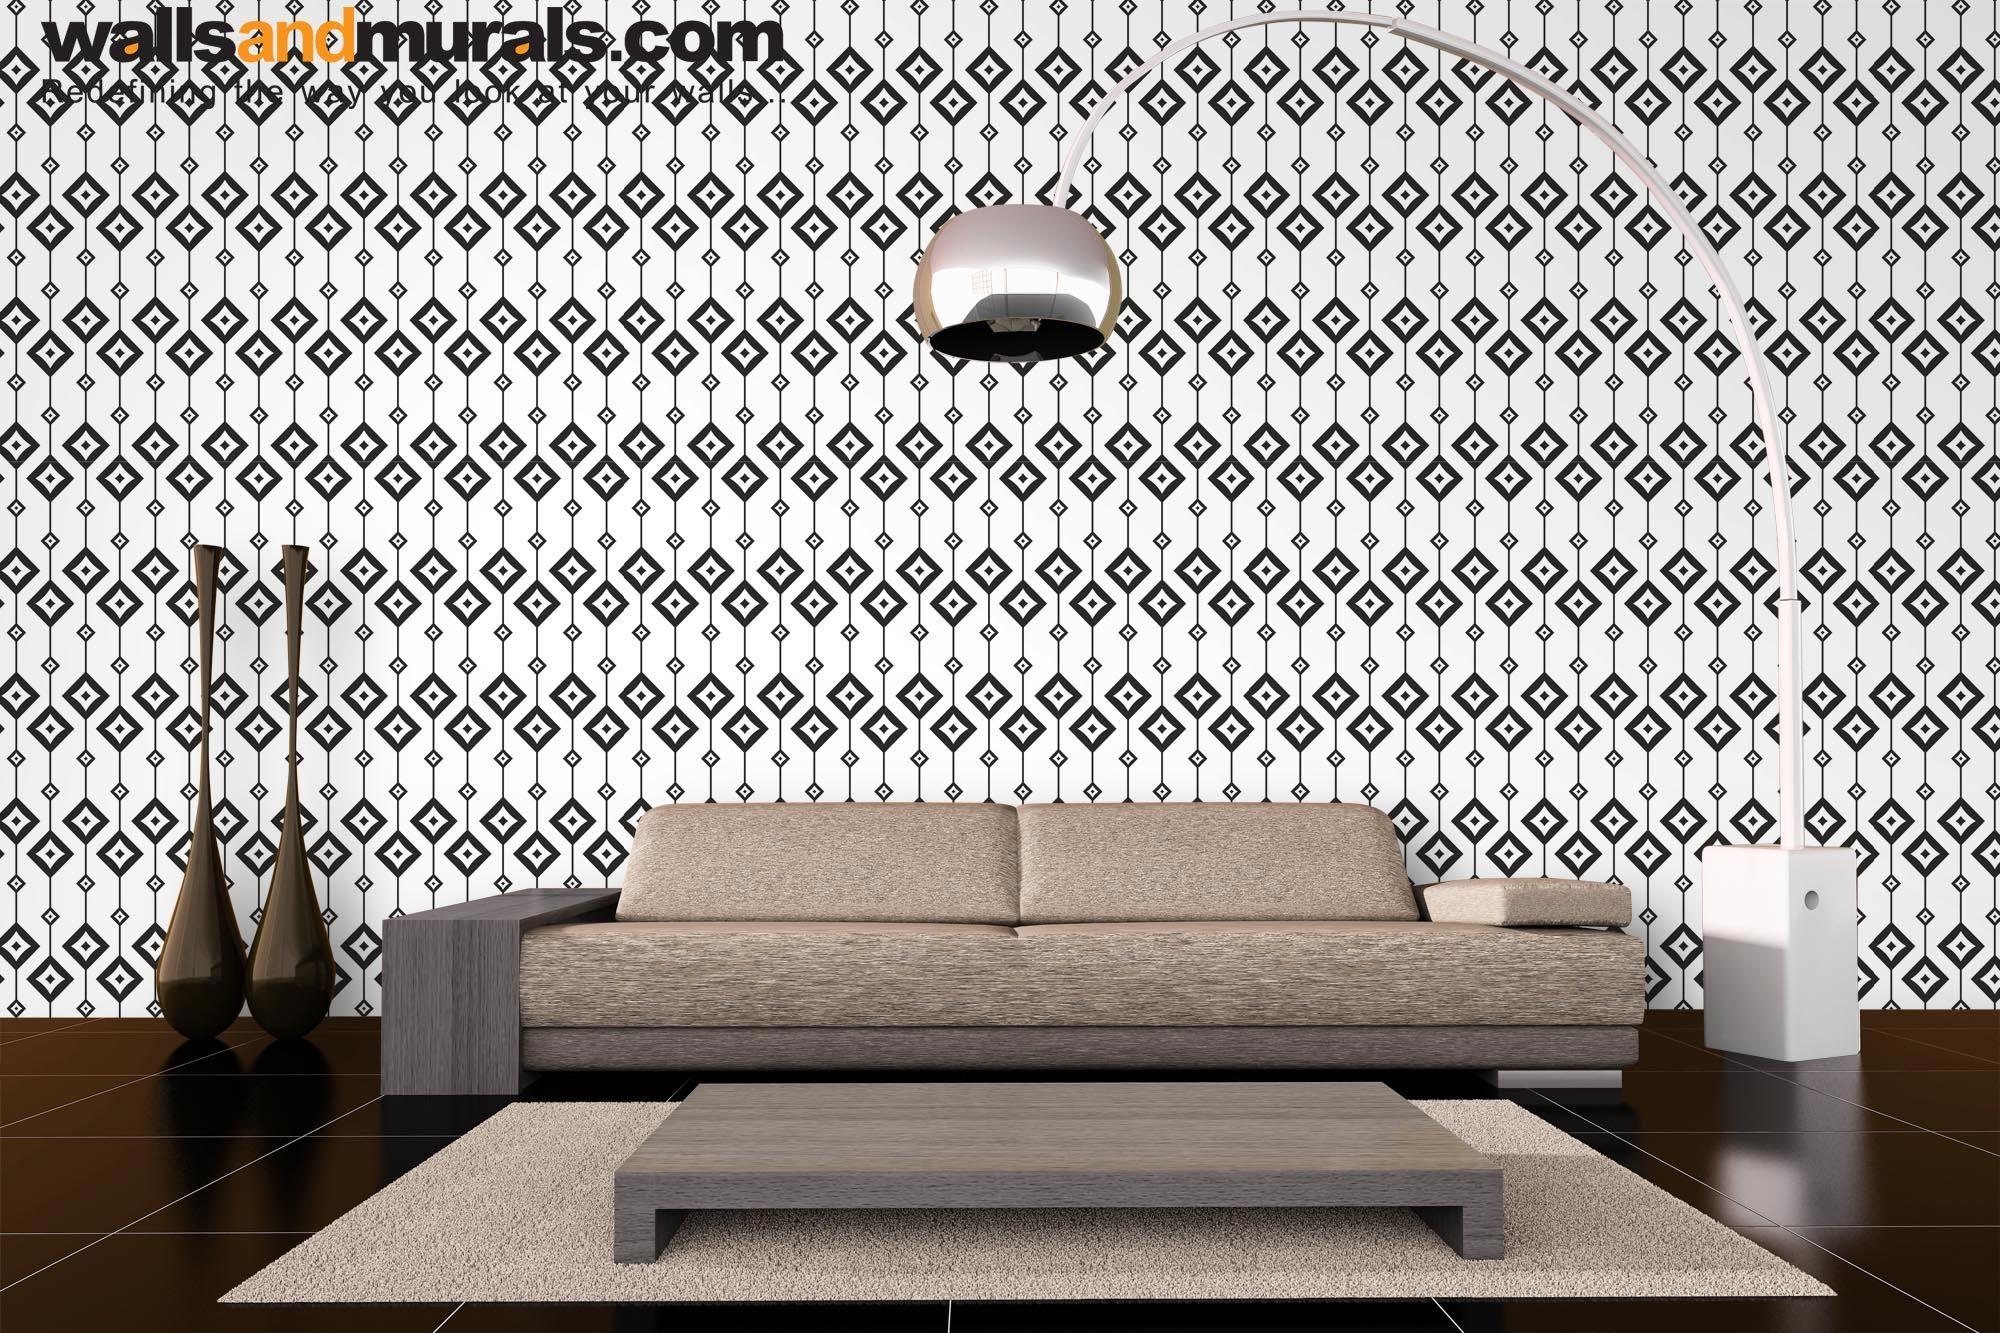 Hanging Squares, Seamless Geometric Wallpaper Pattern